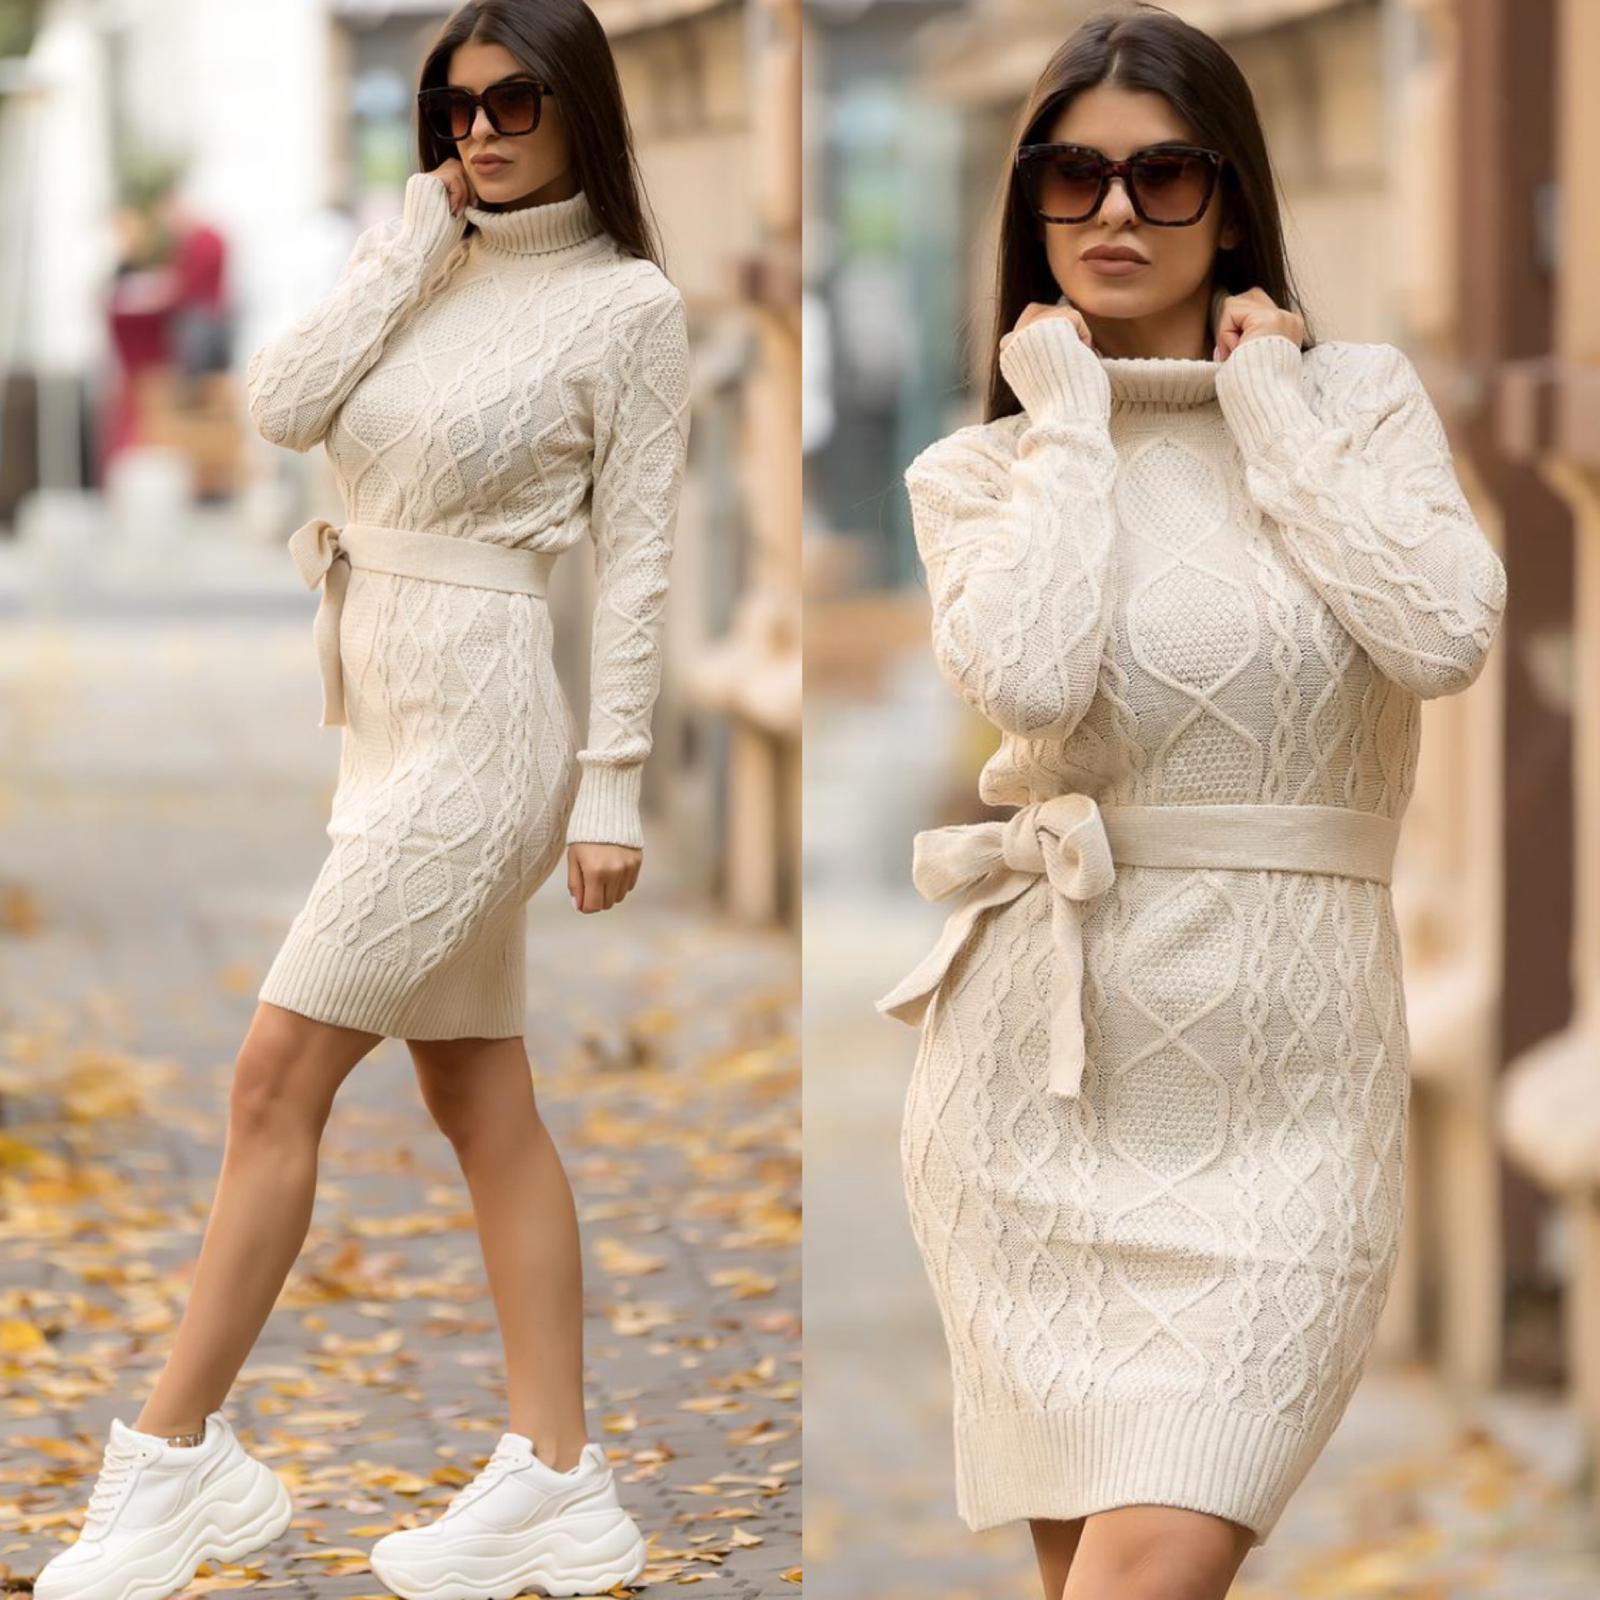 Rochie alba scurta cu decupaj din tricot pentru iarna